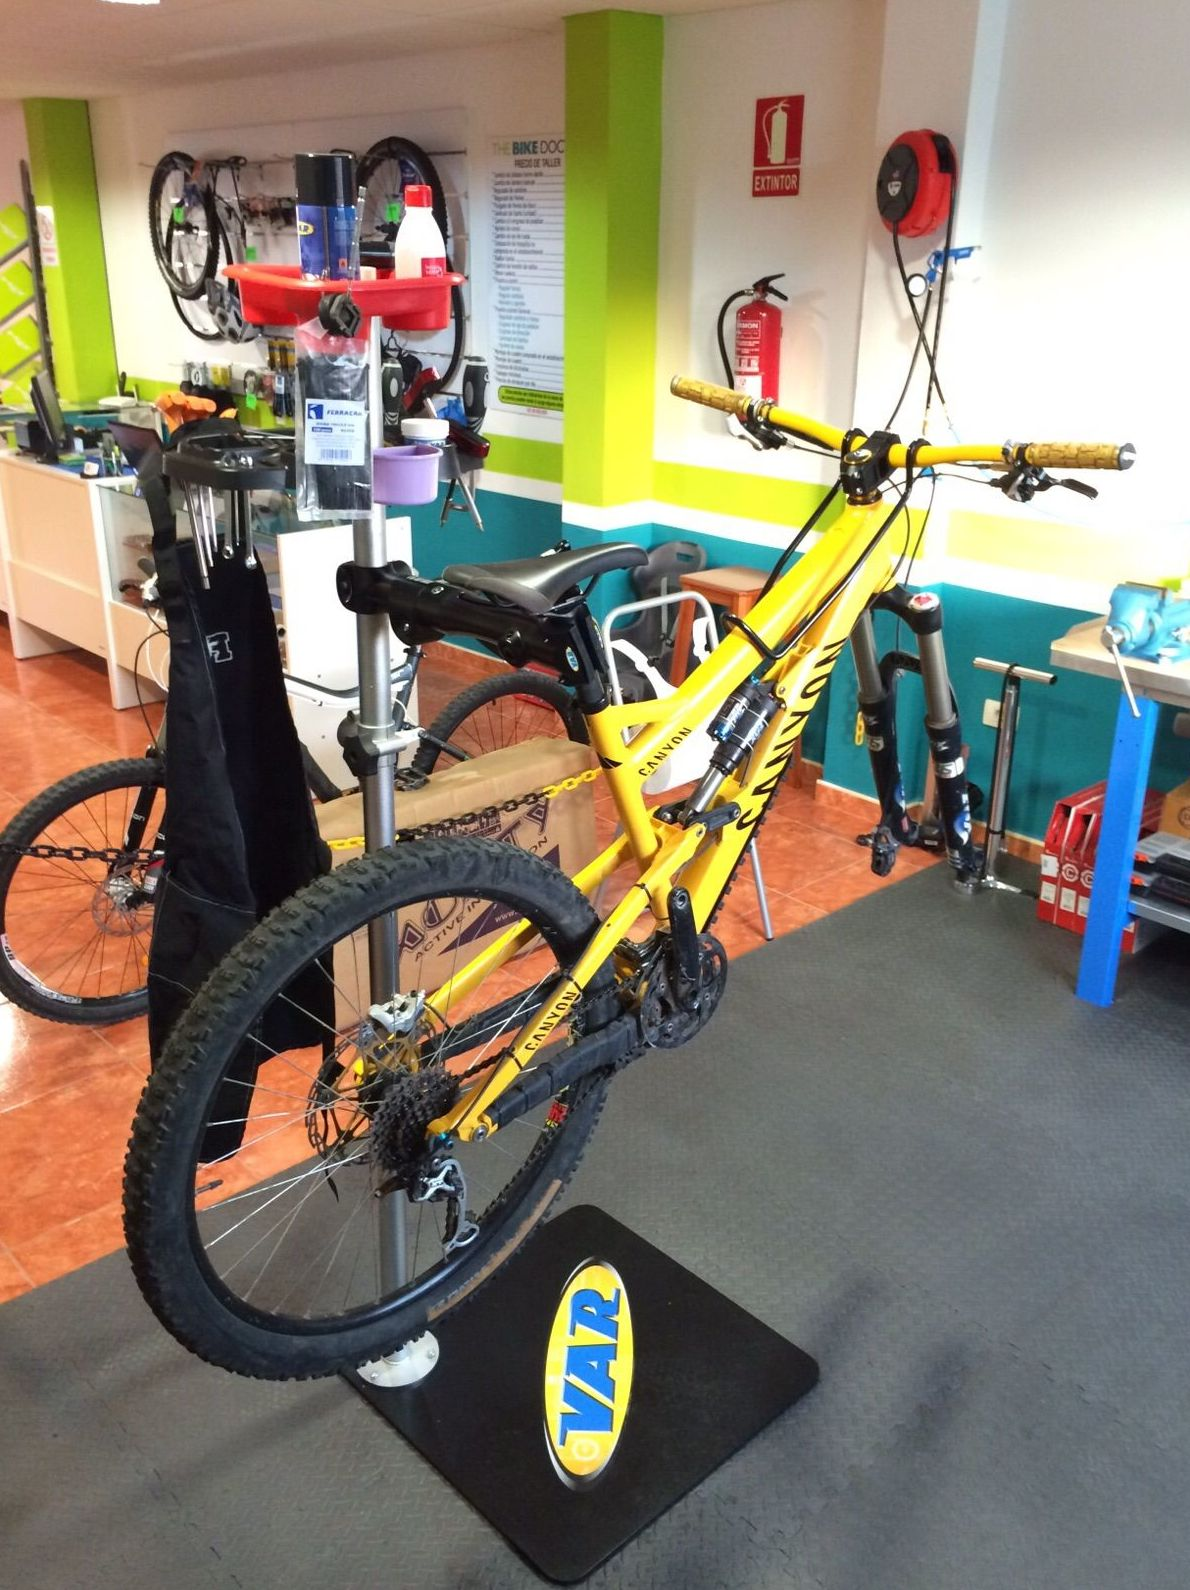 Montaje de componentes en bicicletas